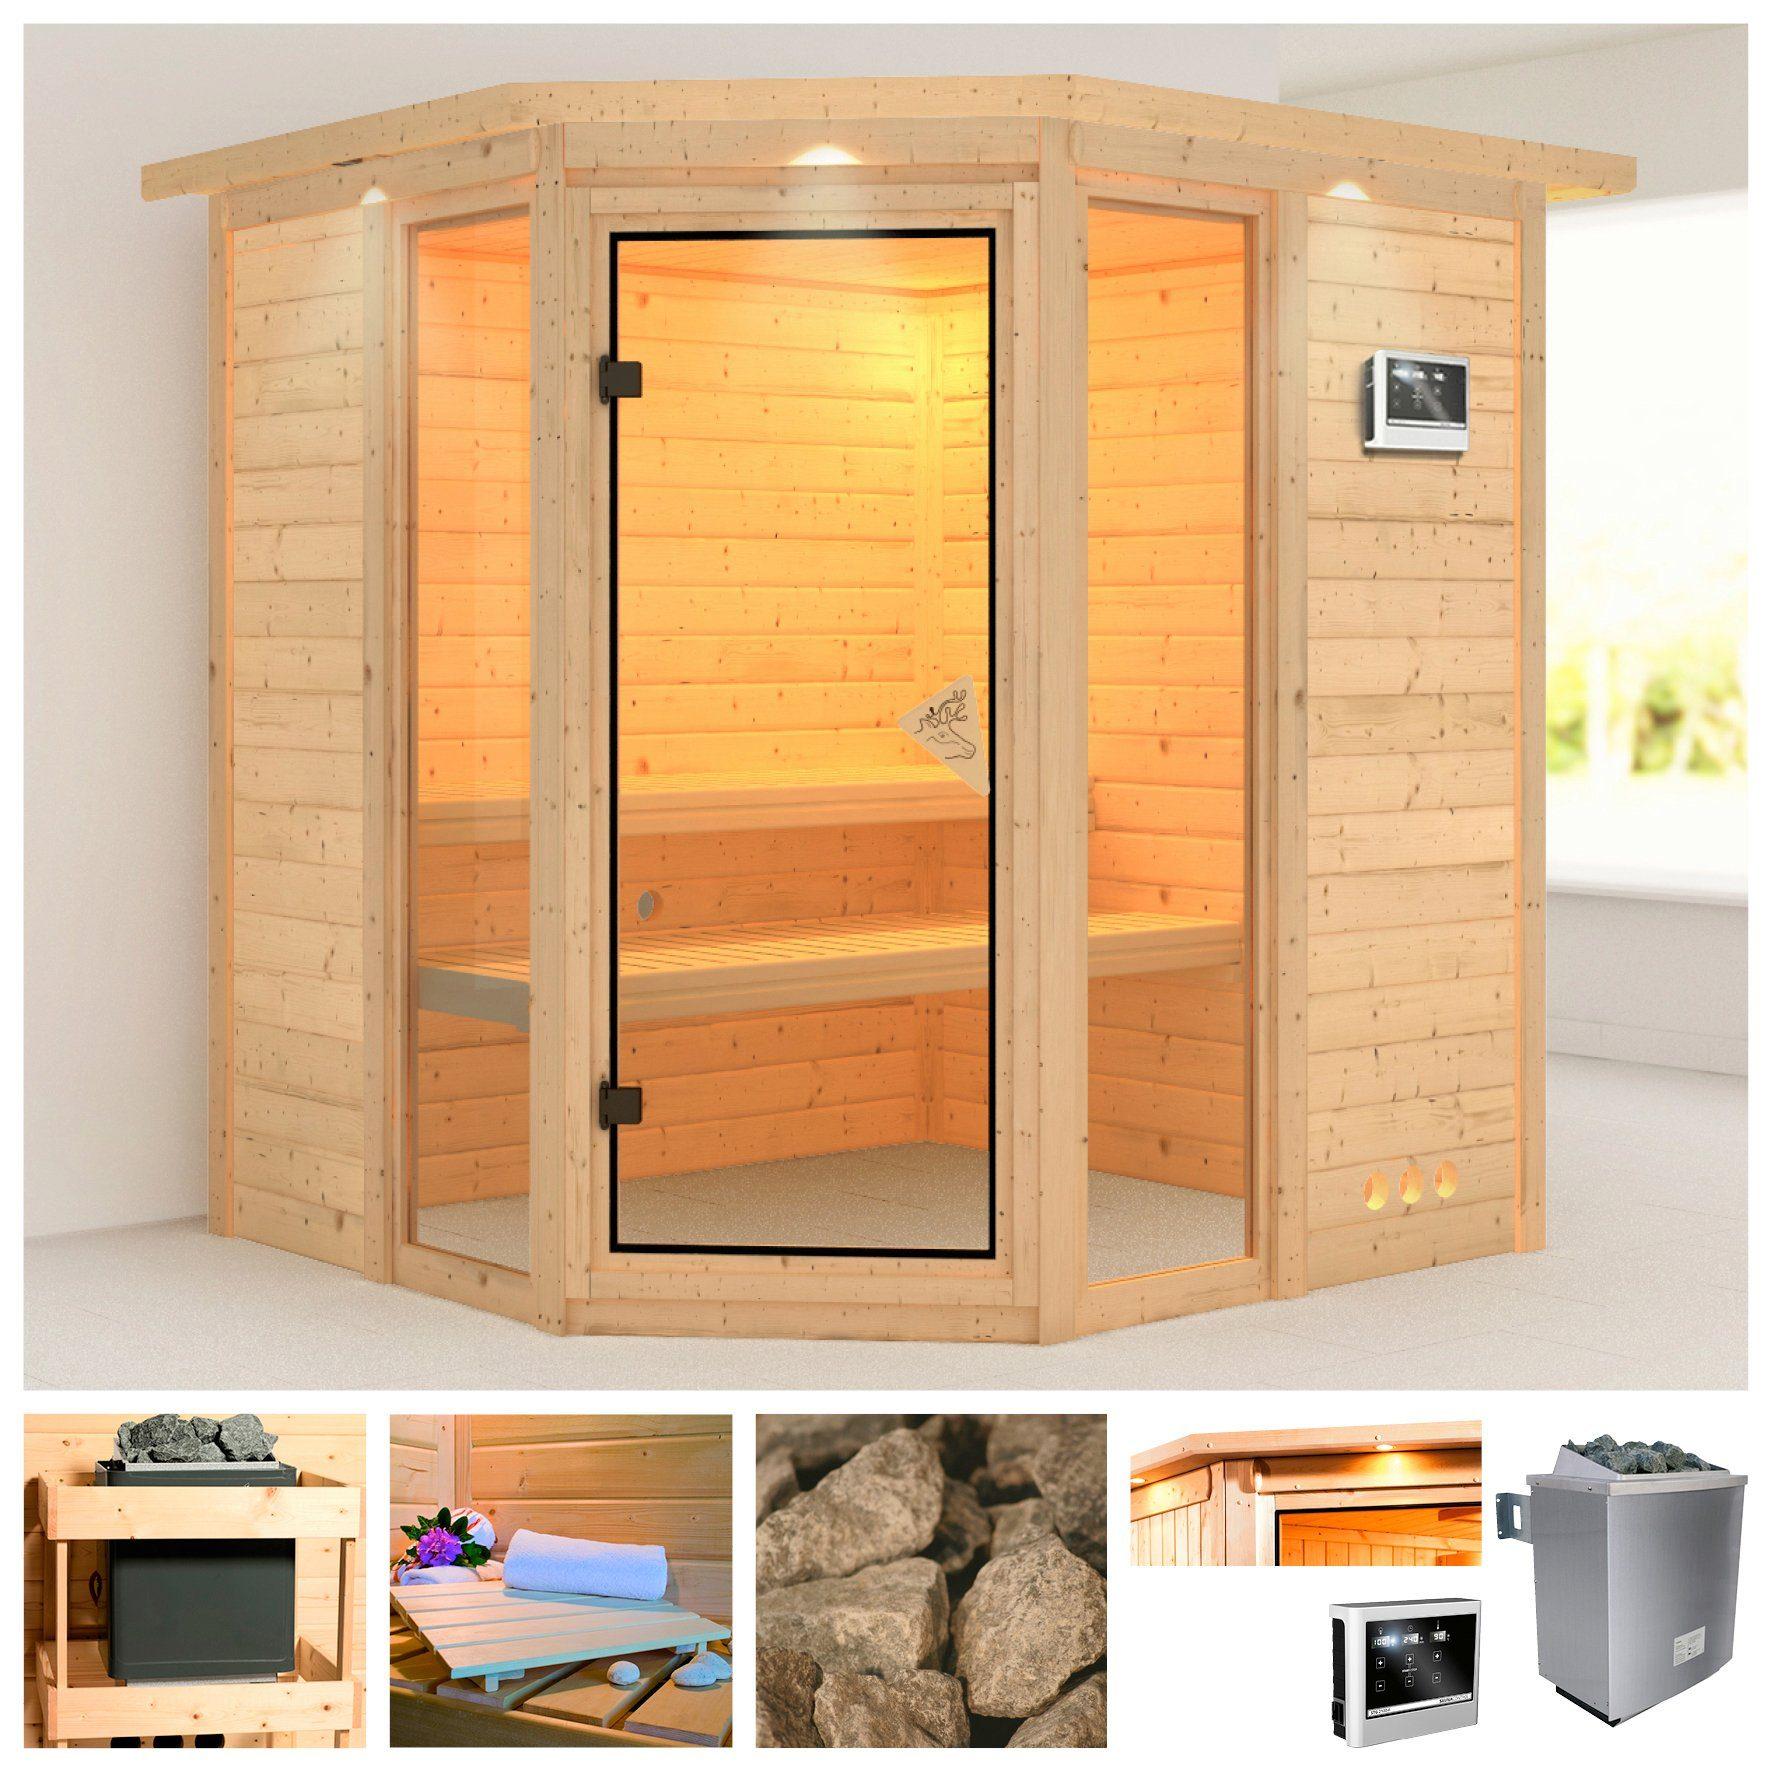 KARIBU Sauna »Sinai 2«, 221/198/212 cm, 40 mm, 9-kW-Ofen mit ext. Steuerung